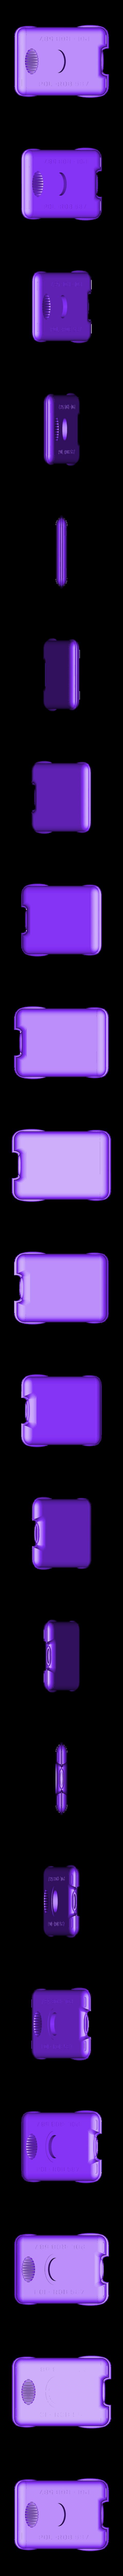 POL-ROB_vehicle.stl Télécharger fichier STL gratuit POL-ROB (robot de police) • Design à imprimer en 3D, NohaBody